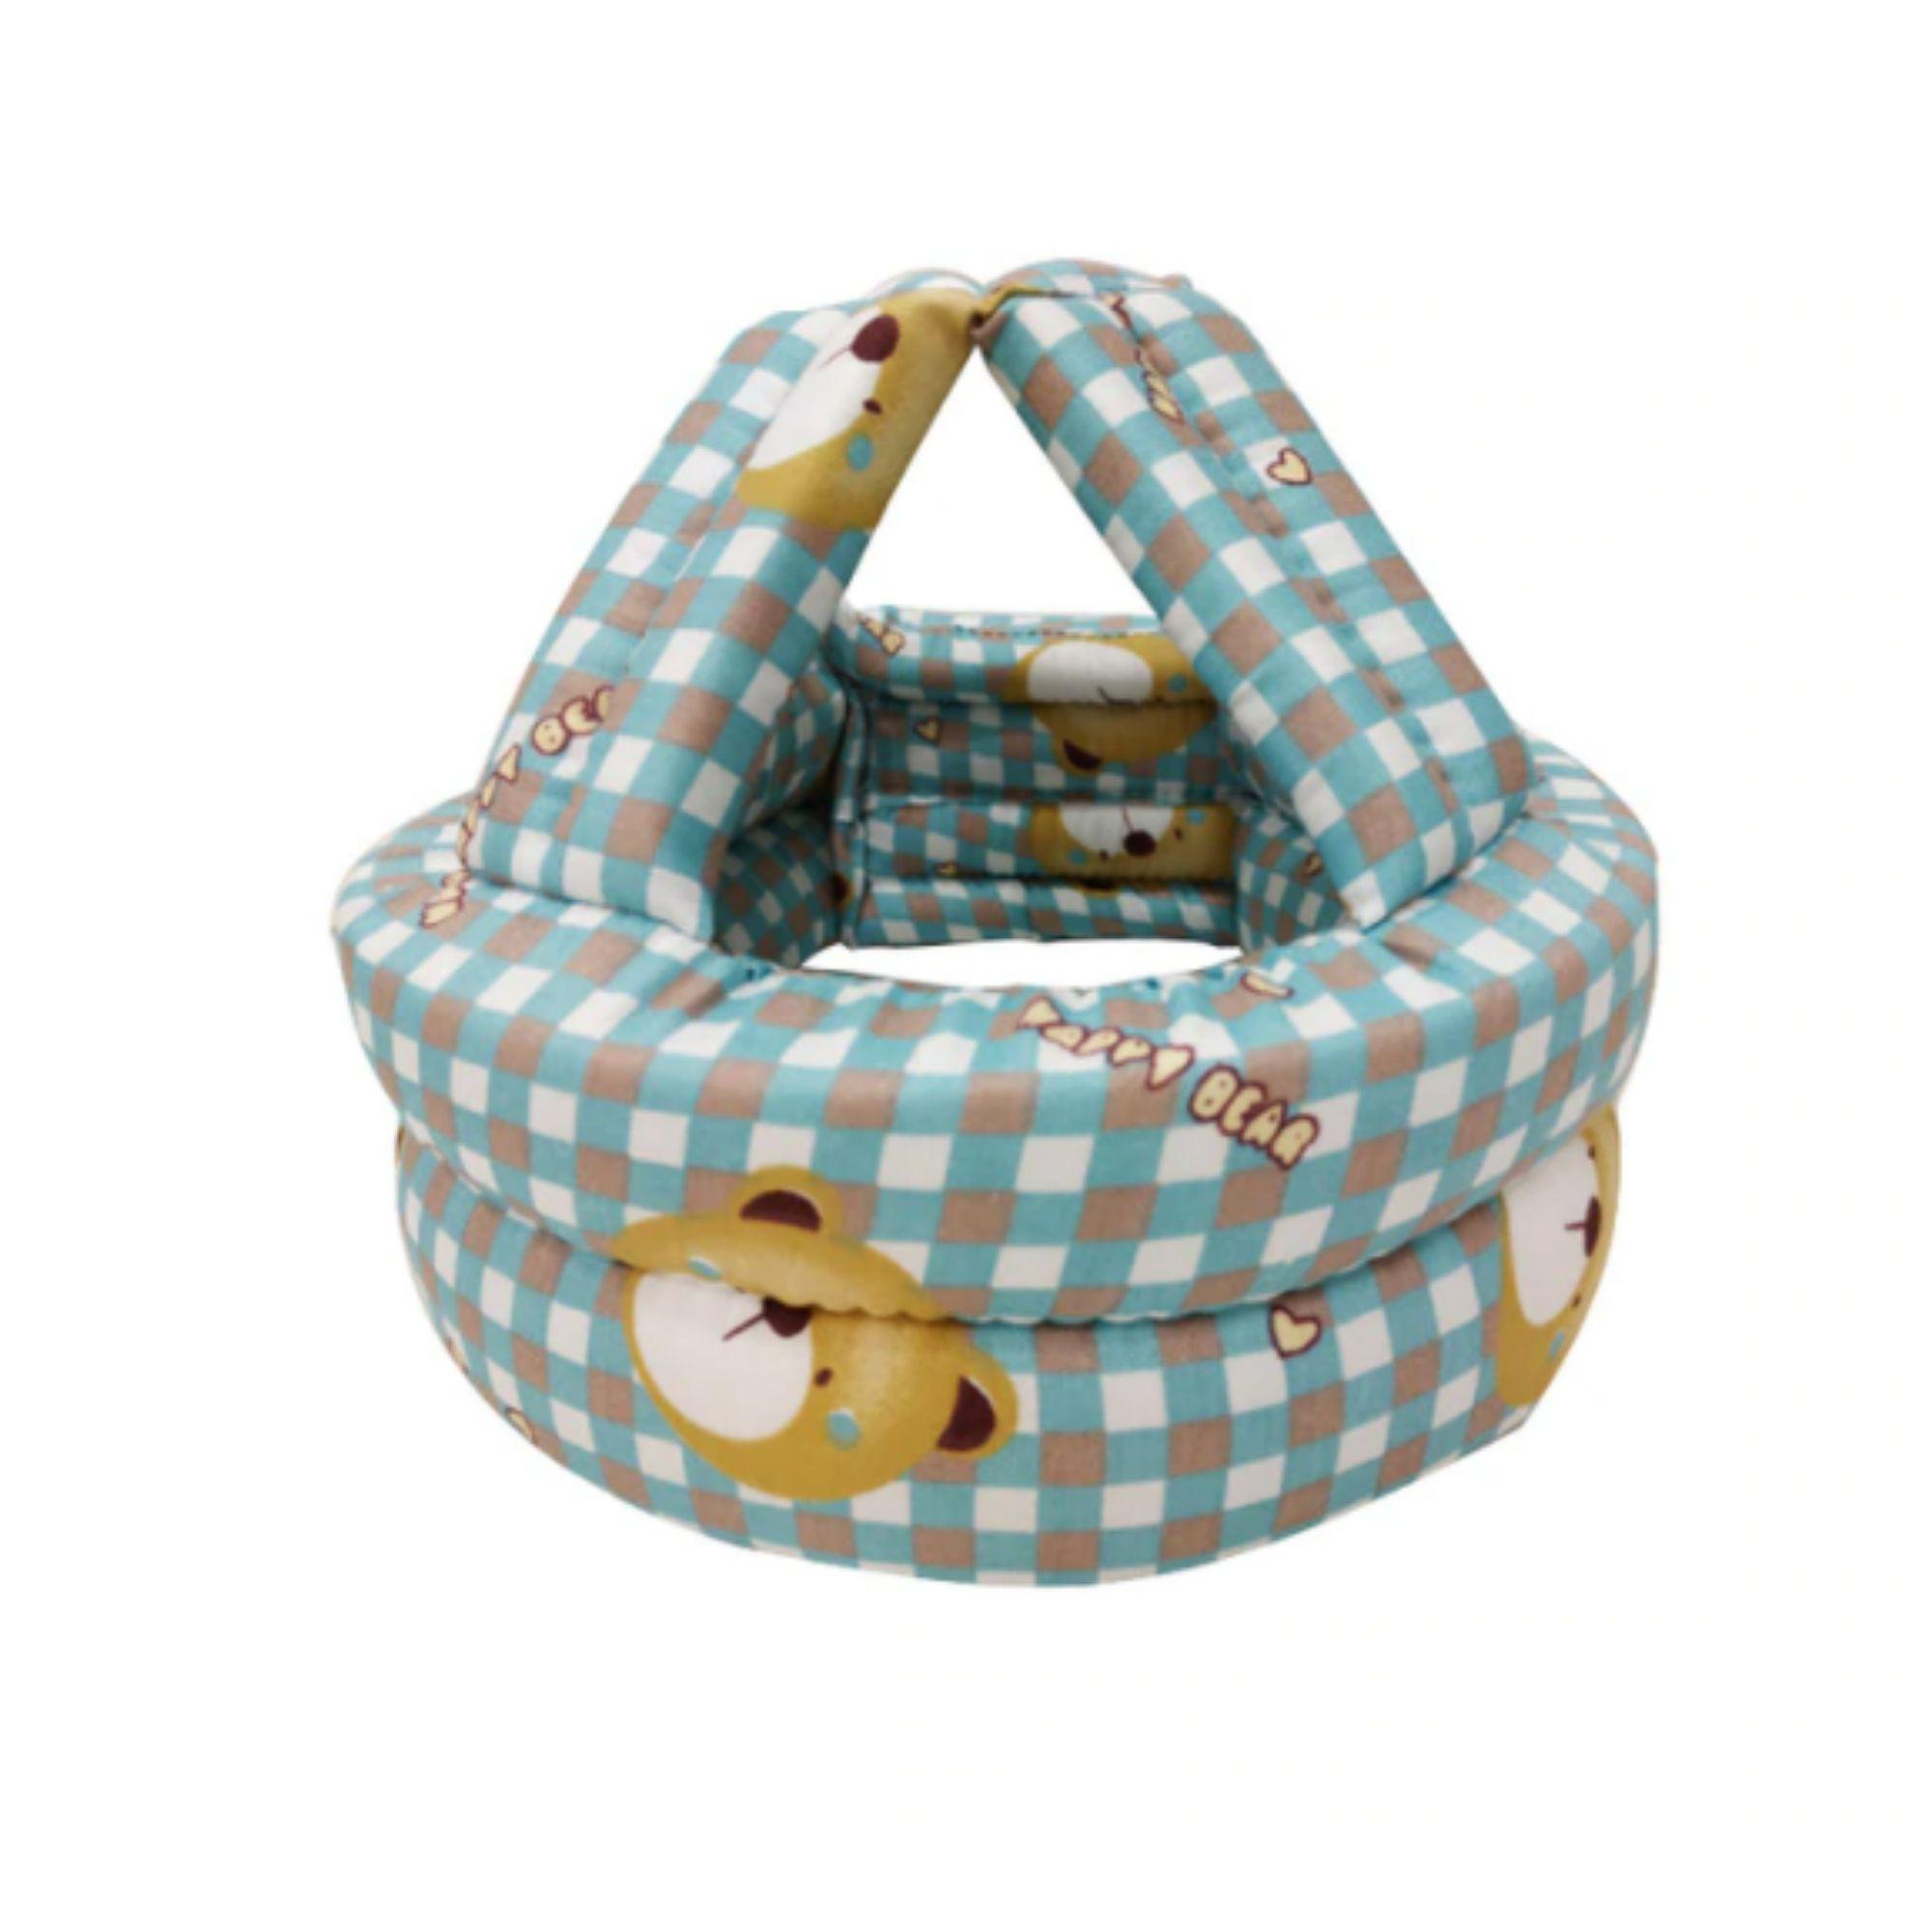 Capacete de Proteção para Bebê Engatinhar e Andar com segurança  - Game Land Brinquedos